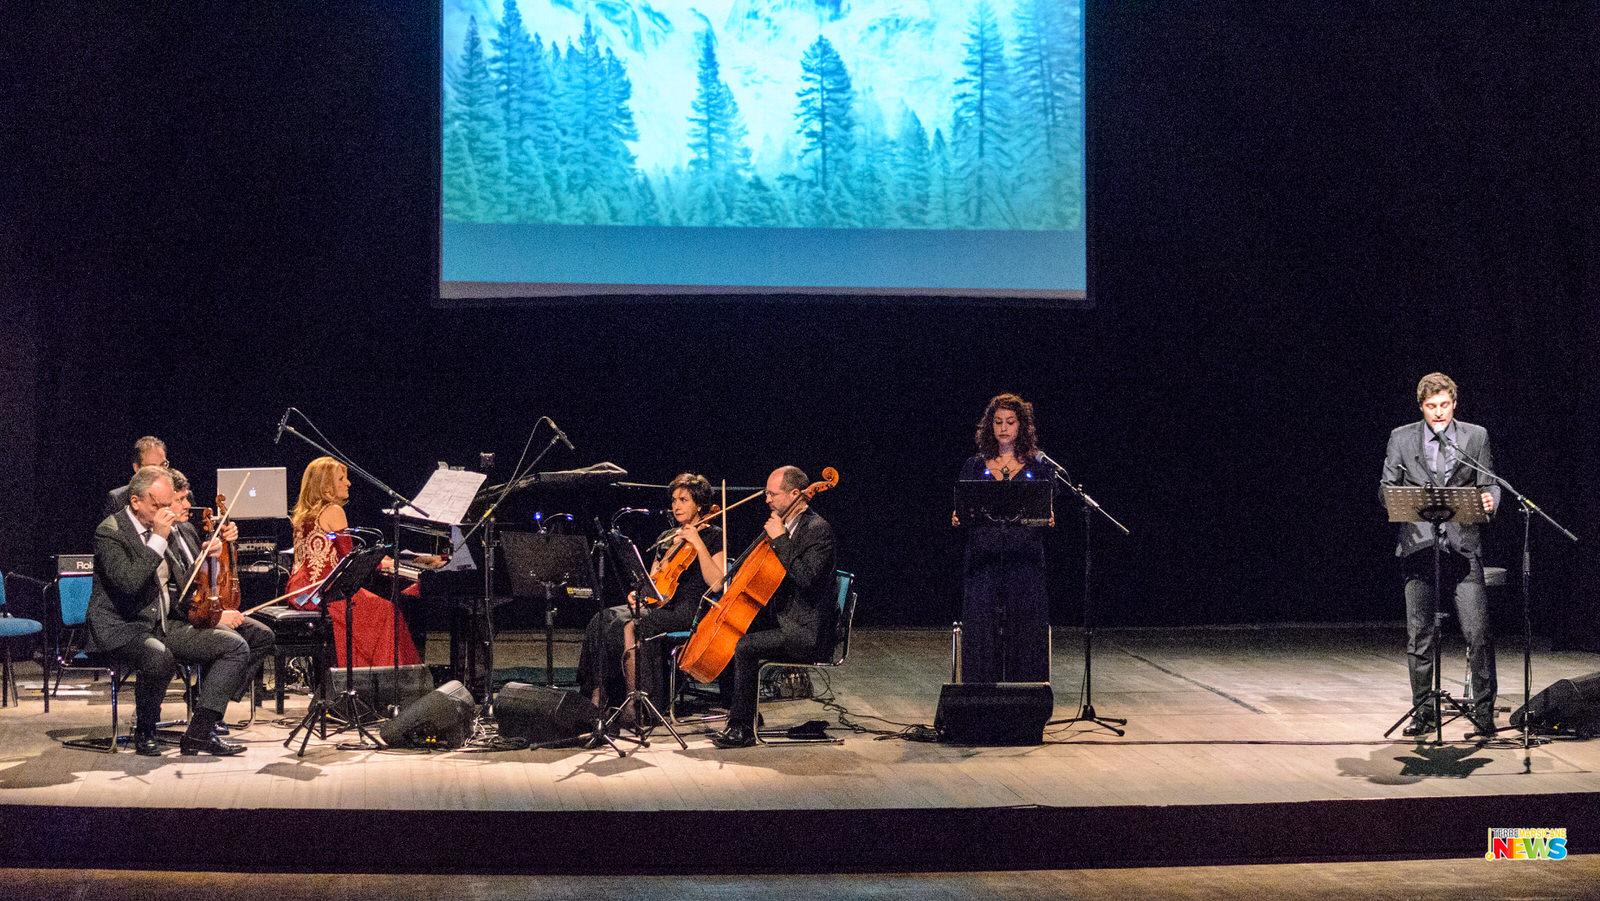 Teatro dei Marsi: con Lino Guanciale e Paola Crisigiovanni rivive l'opera di Silone. Intervista all'attore avezzanese